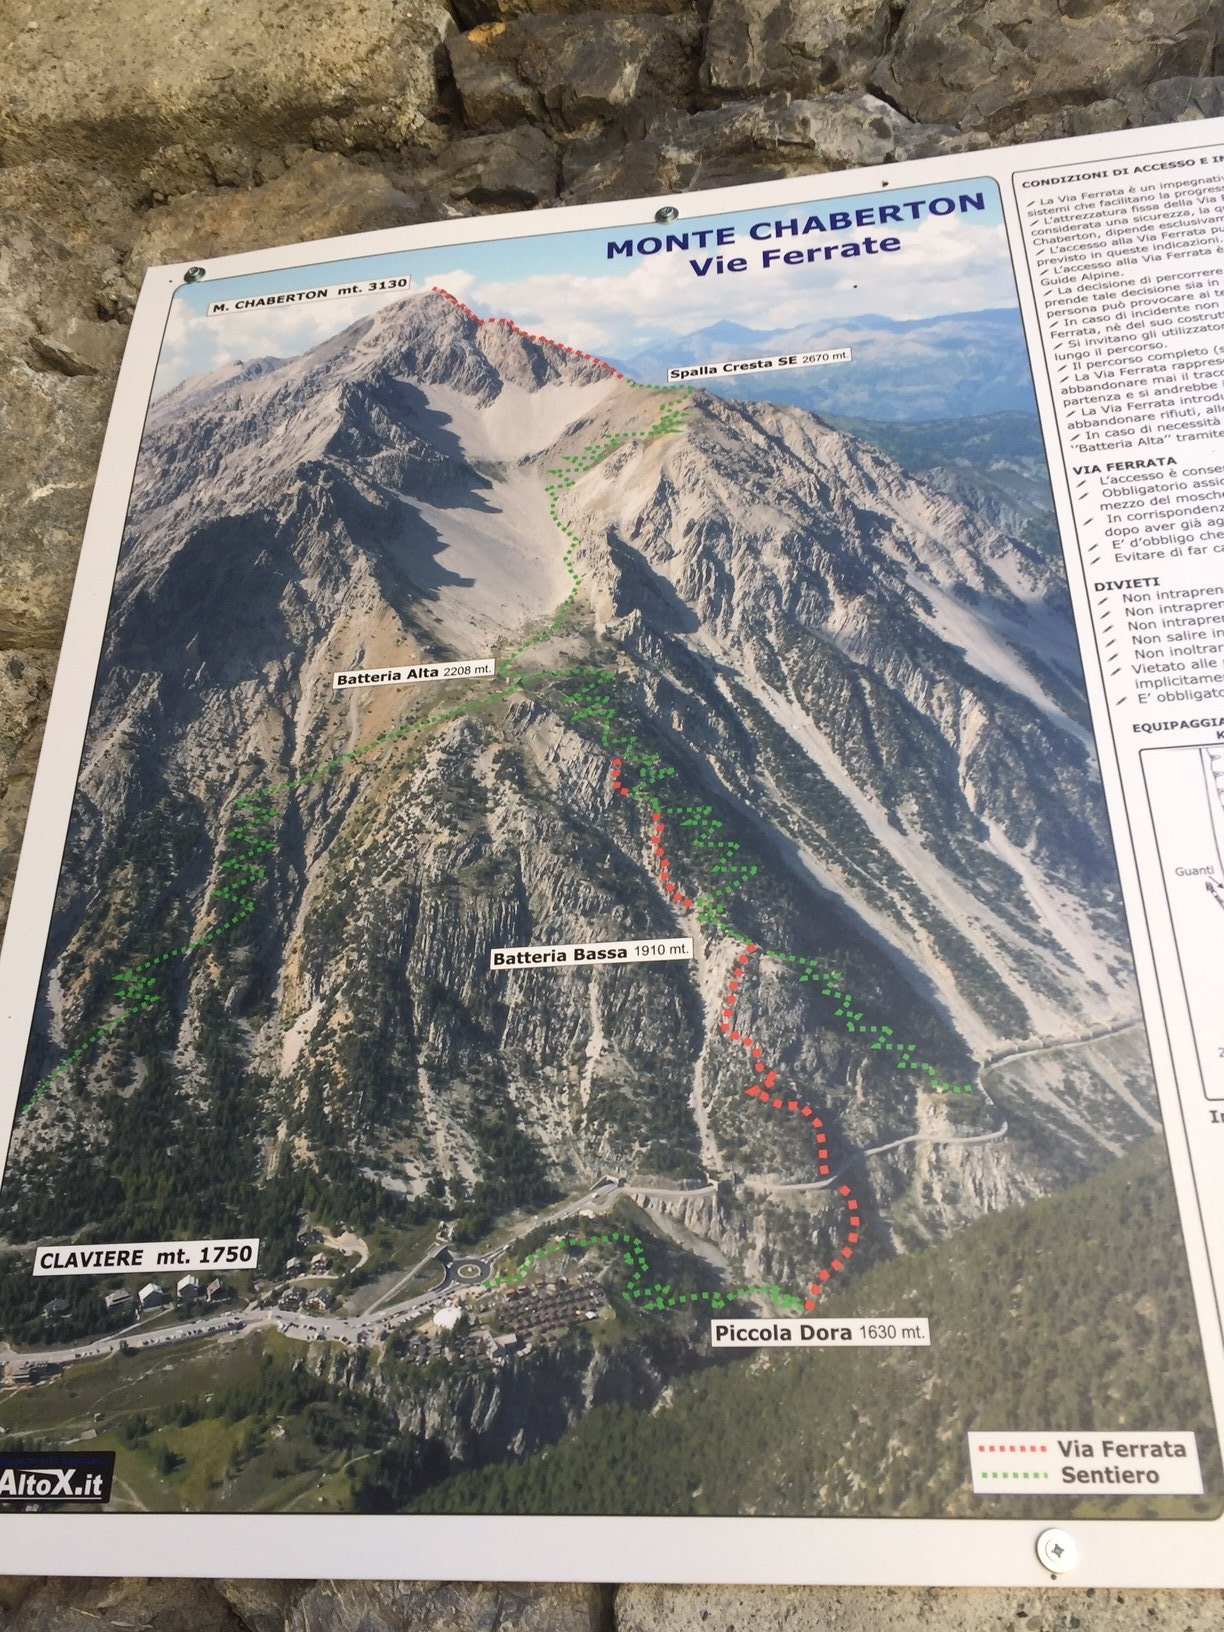 Chaberton (Monte) Vie Ferrate Batteria Bassa - Batteria Alta - Mario Perona 2019-08-04